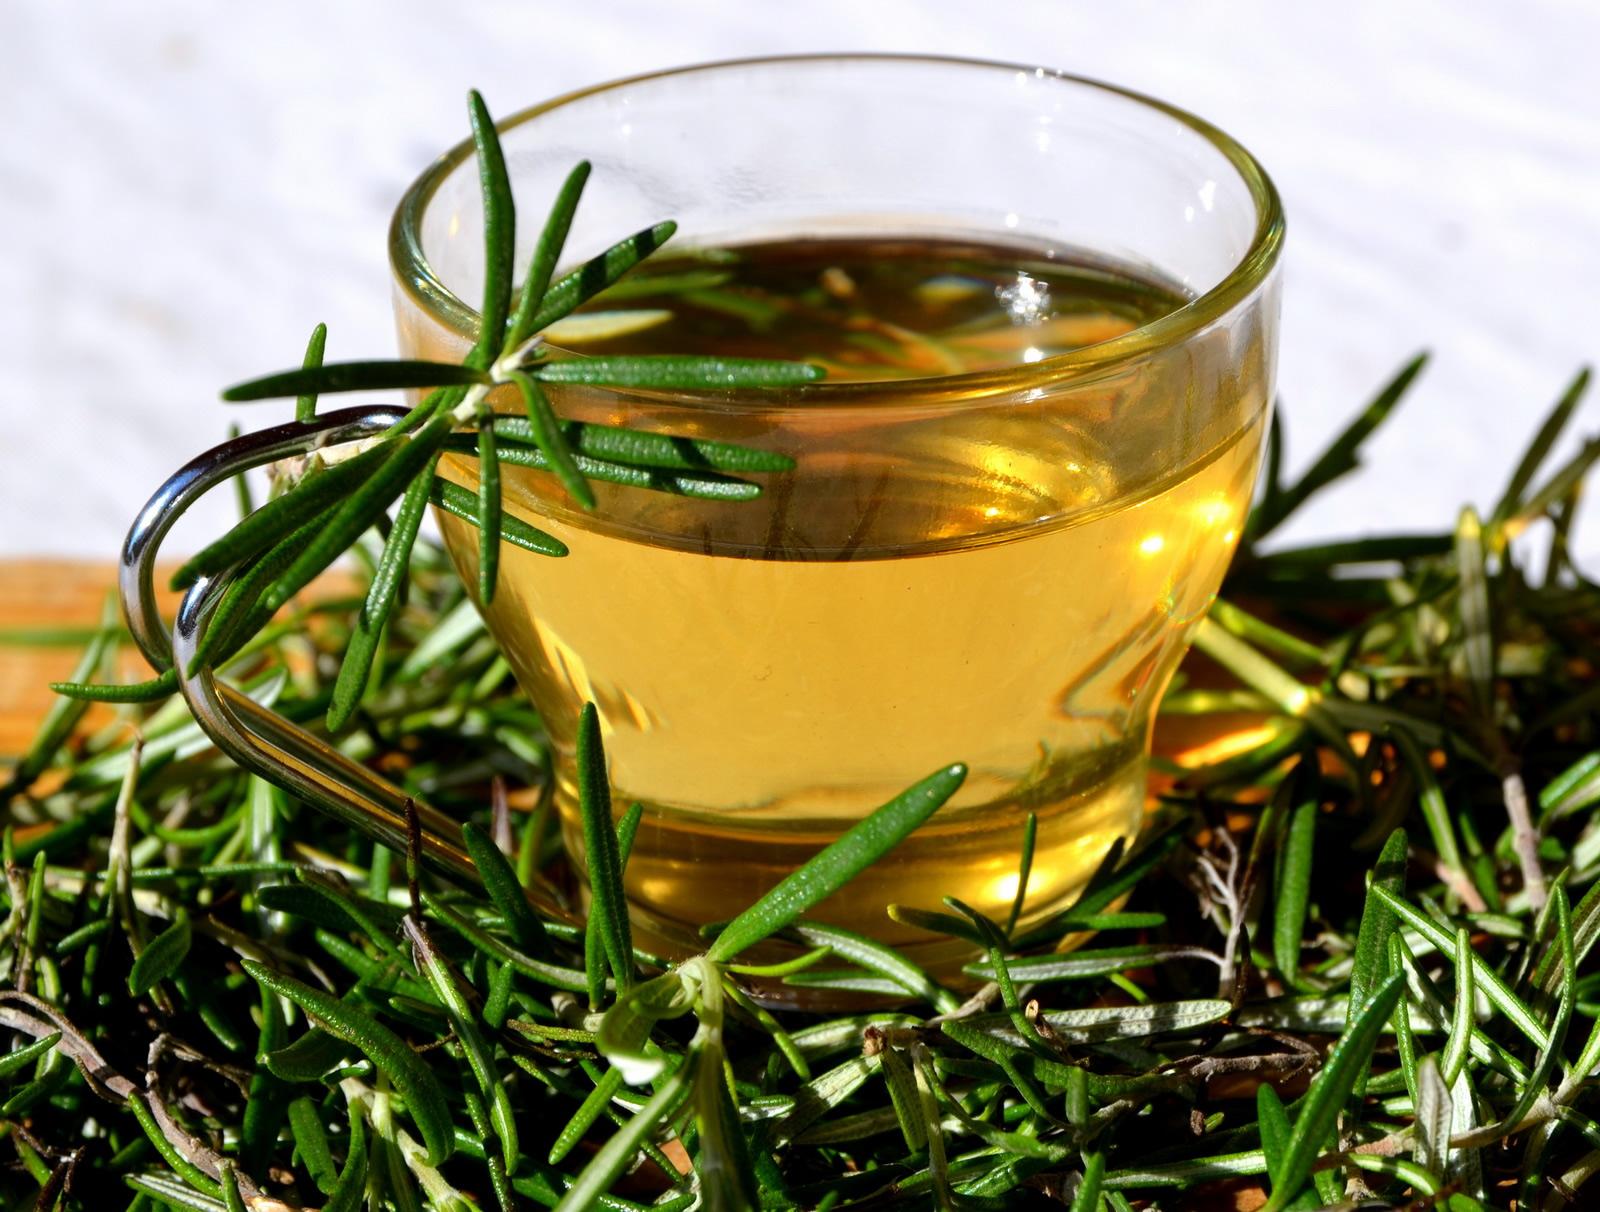 Розмарин лечебные свойства и противопаказания отзывы рецепты